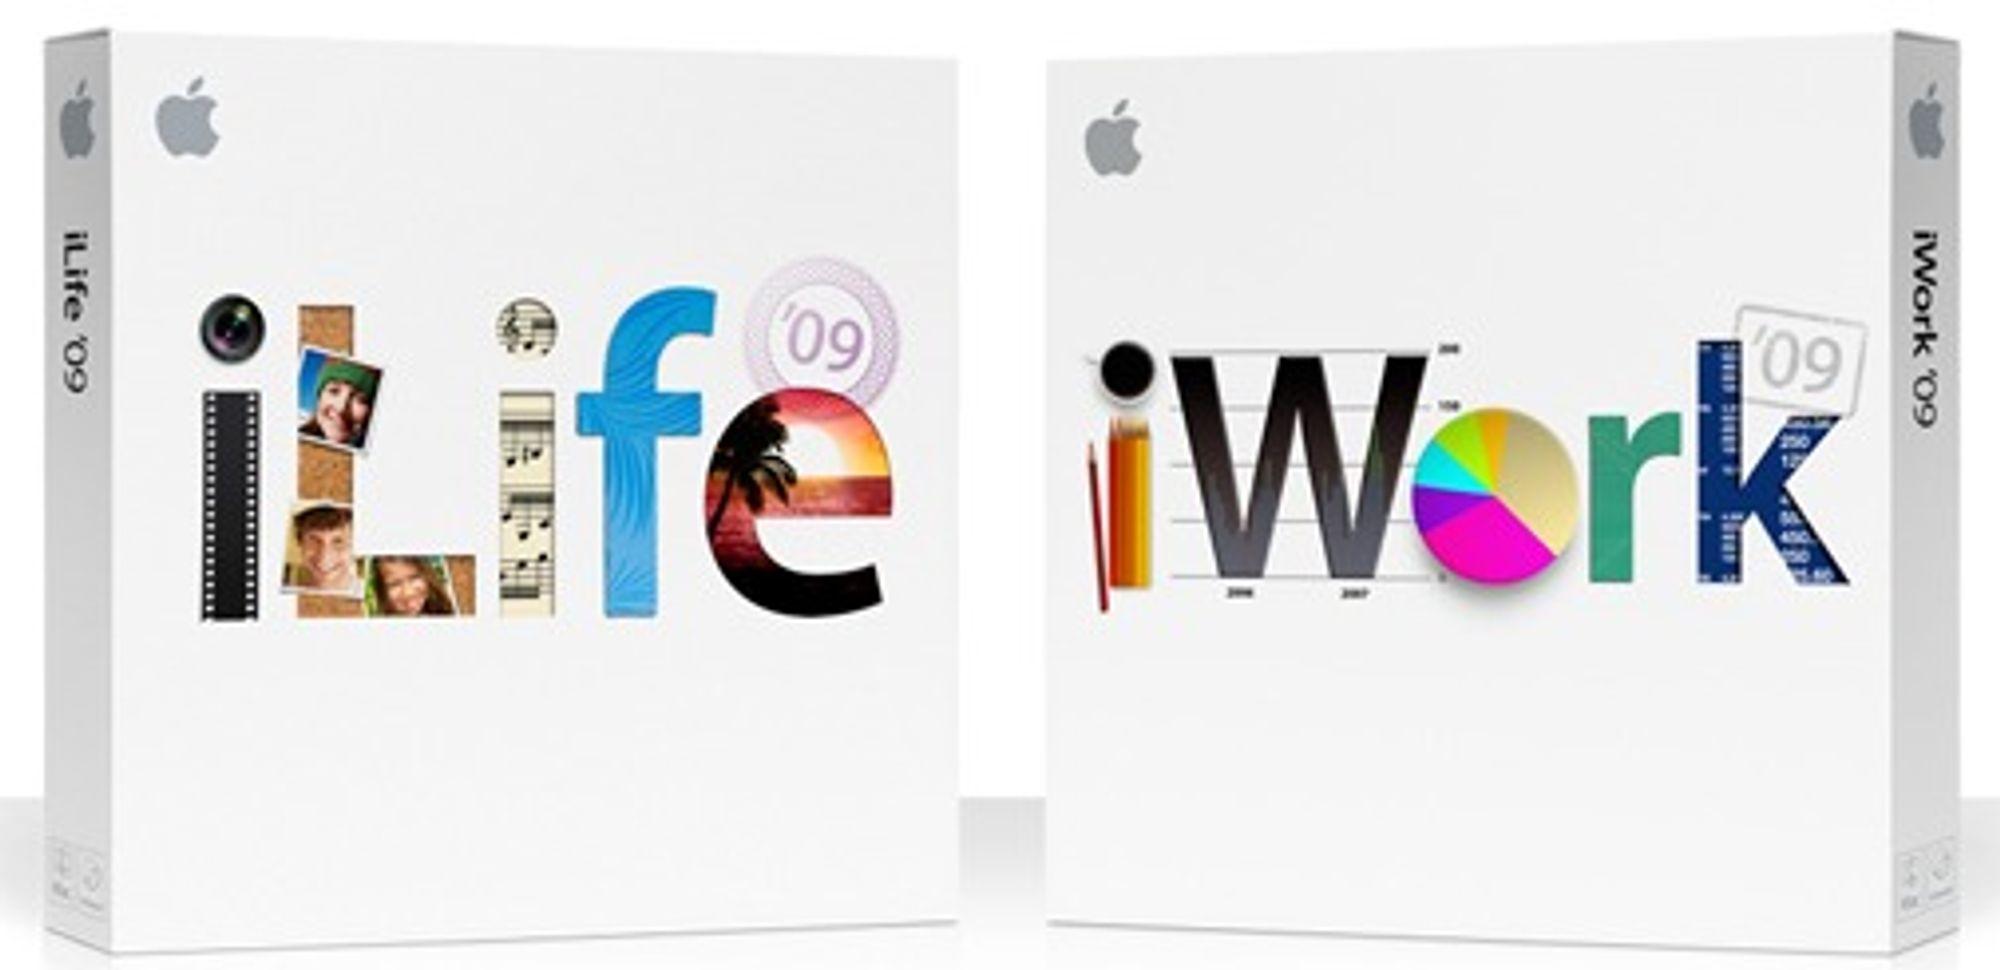 Nye utgaver av iLife og iWork er det Apple selv legger mest vekt på i sine referater fra Macworld.